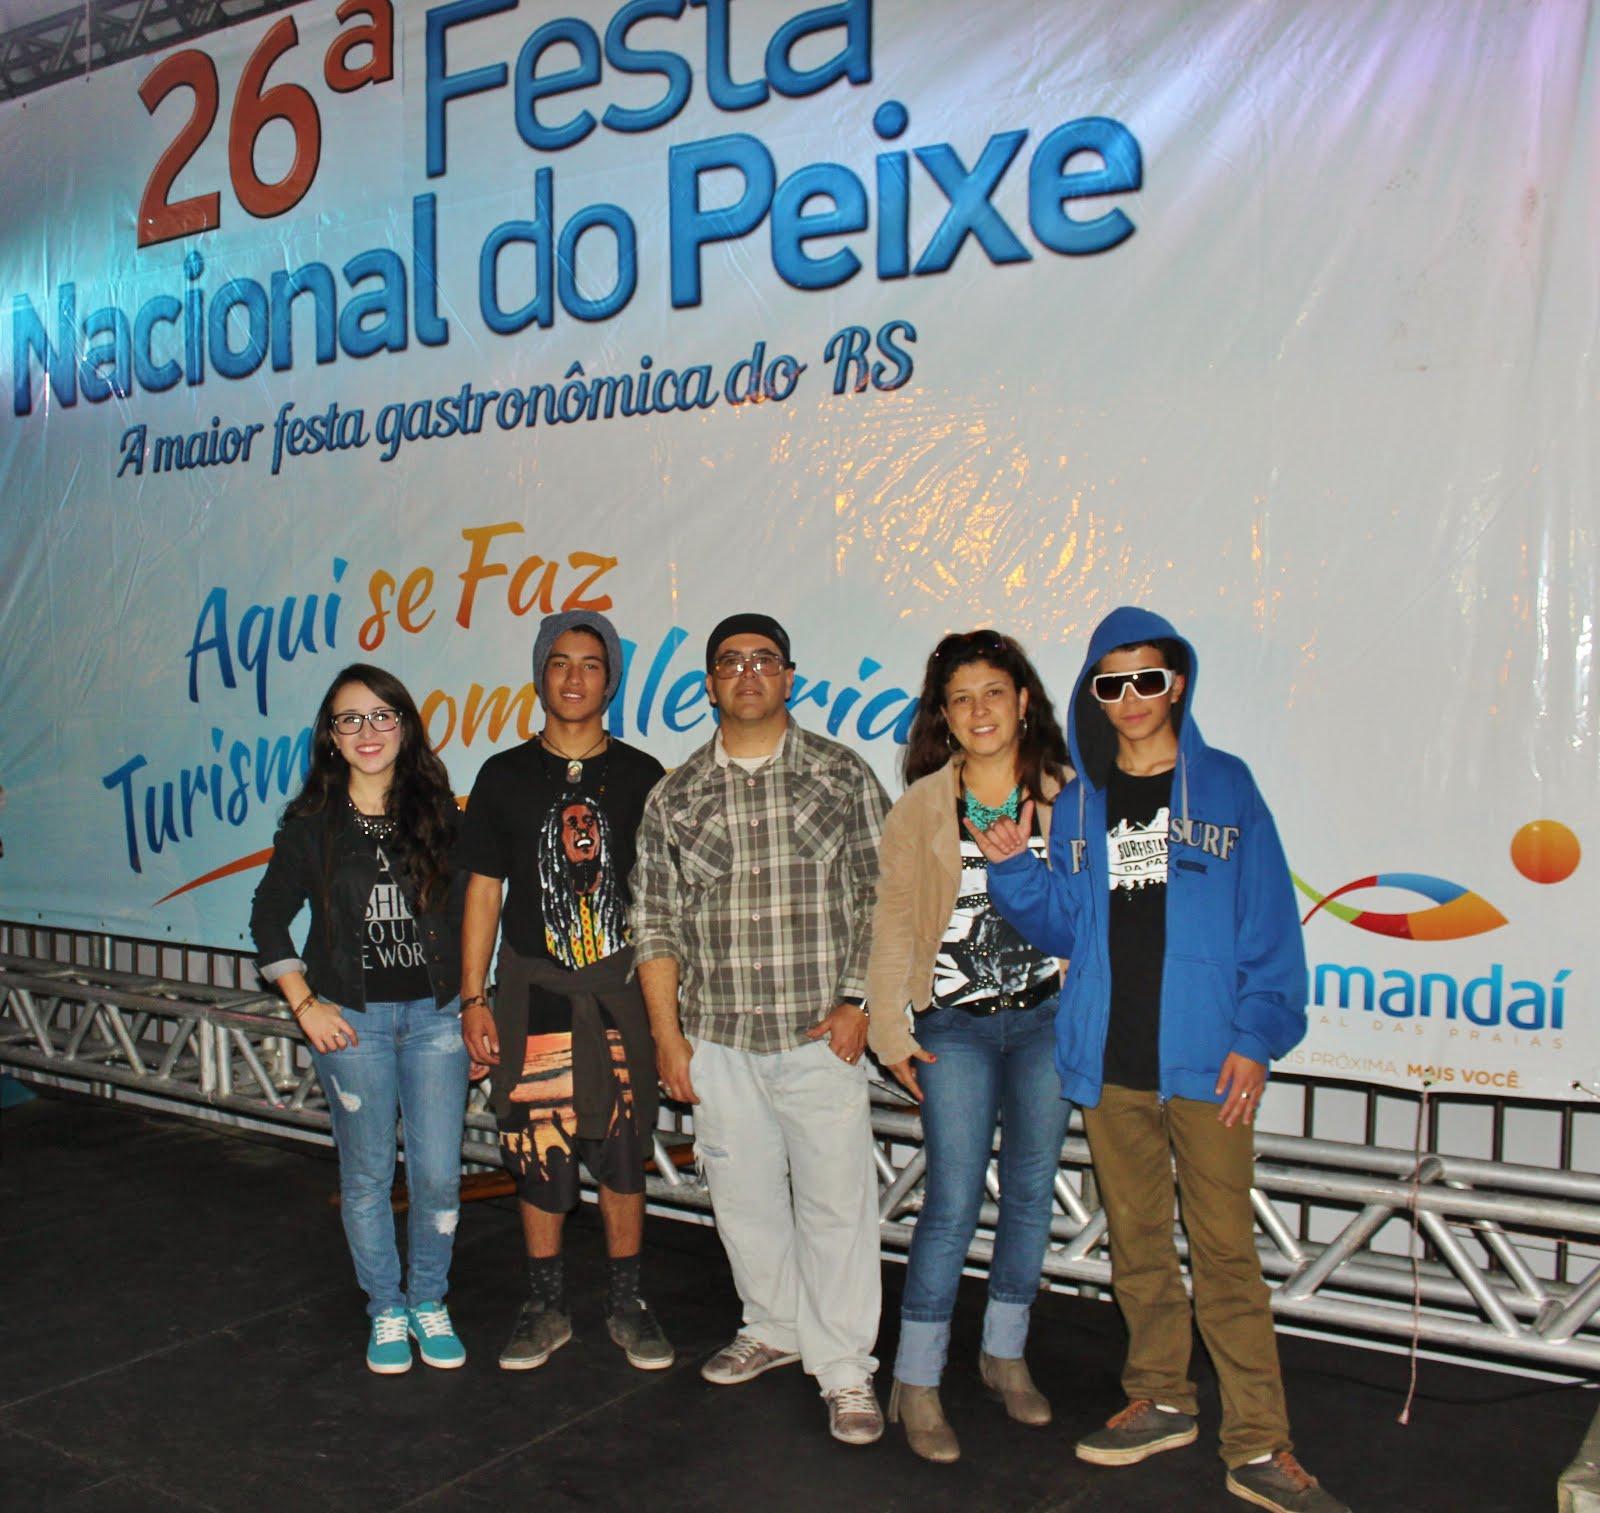 Surfistas da Paz na 26ª Festa Nacional do Peixe, Tramandaí/RS, em 2015.